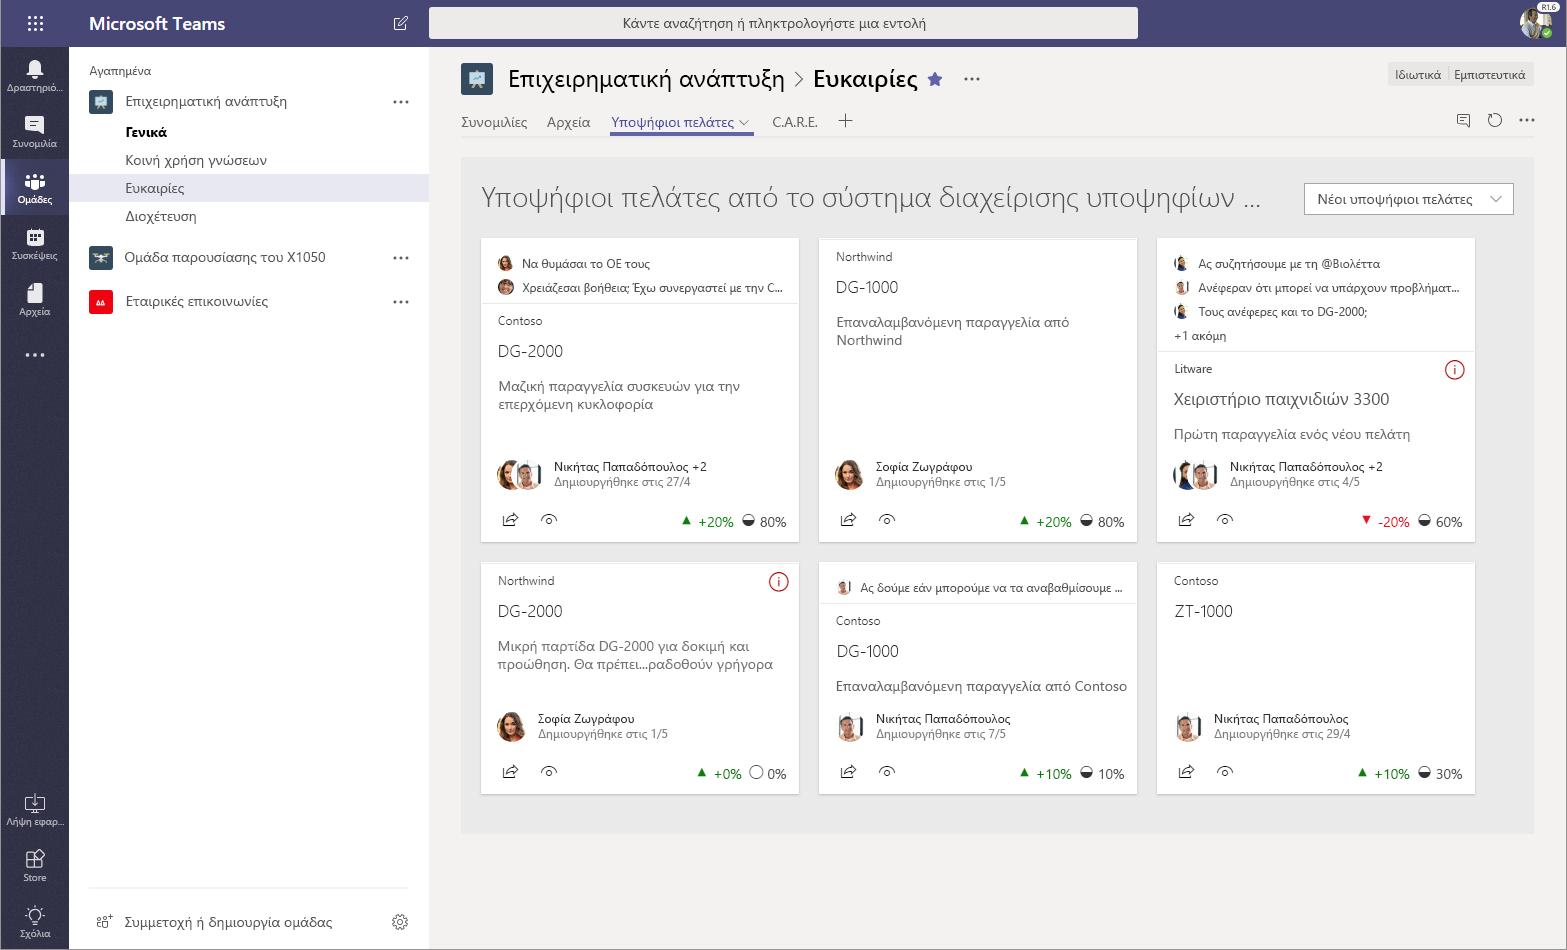 Εικόνα τμήματος Web ενός προσαρμοσμένου συστήματος διαχείρισης υποψήφιων πελατών του SharePoint Framework, το οποίο φιλοξενείται στο Microsoft Teams.